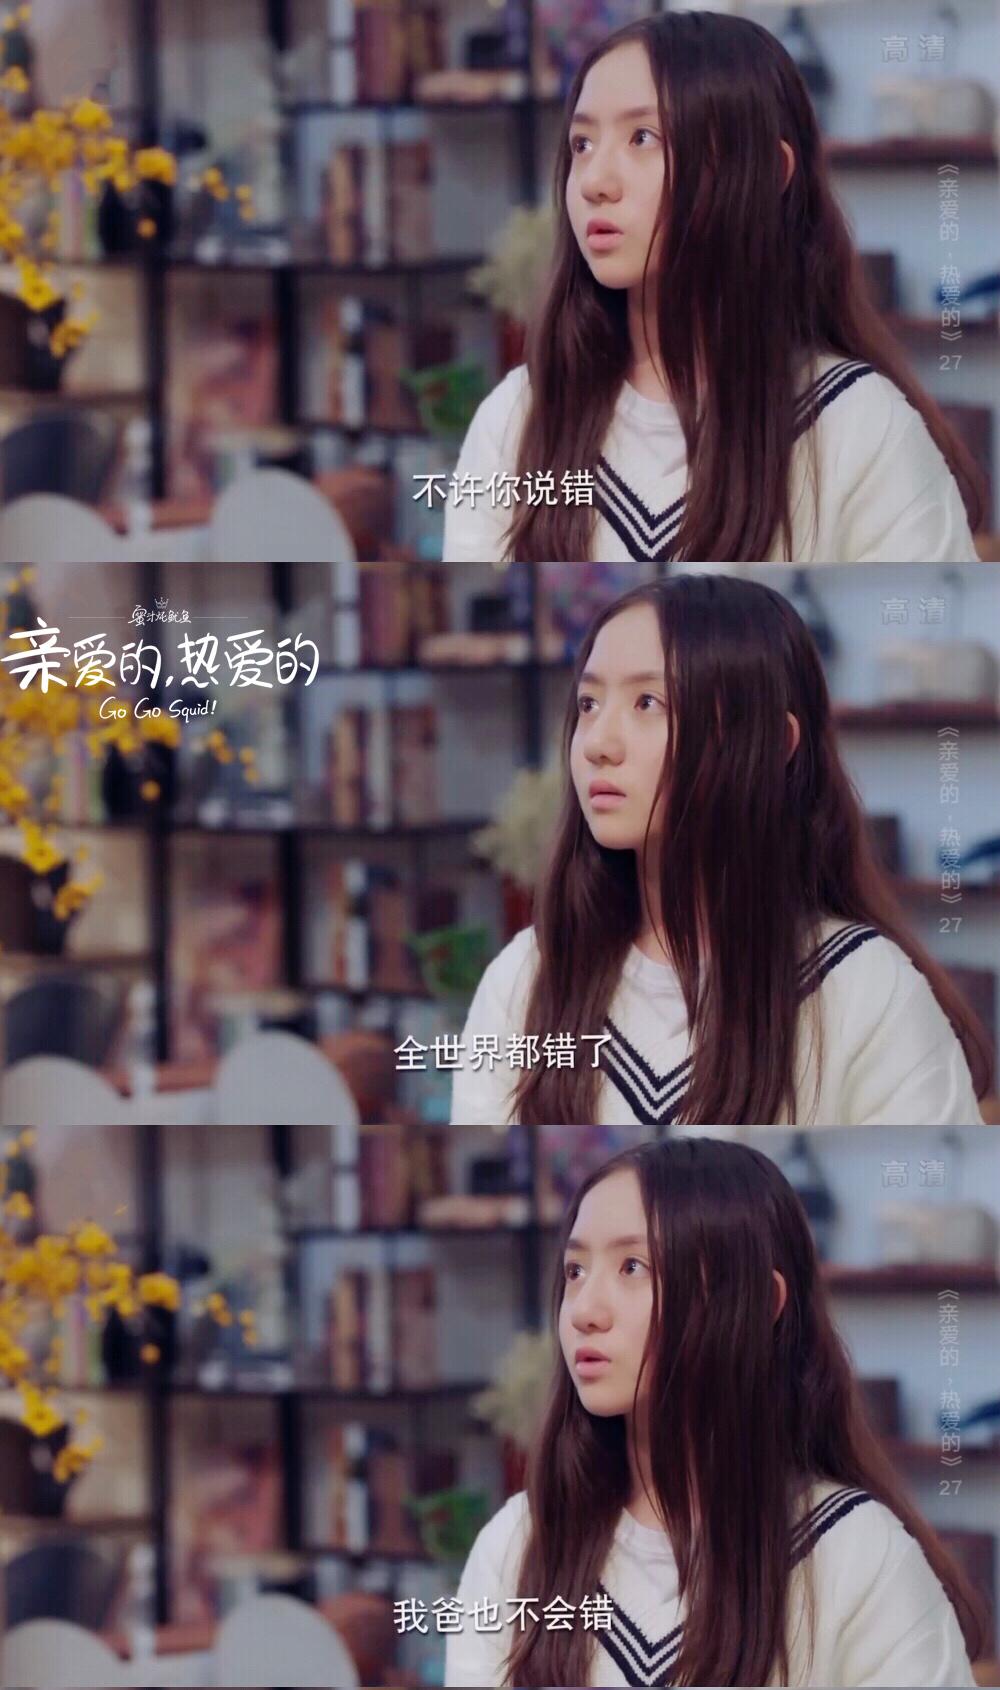 张格《亲爱的热爱的》正式下线 口碑炸裂惹哭观众